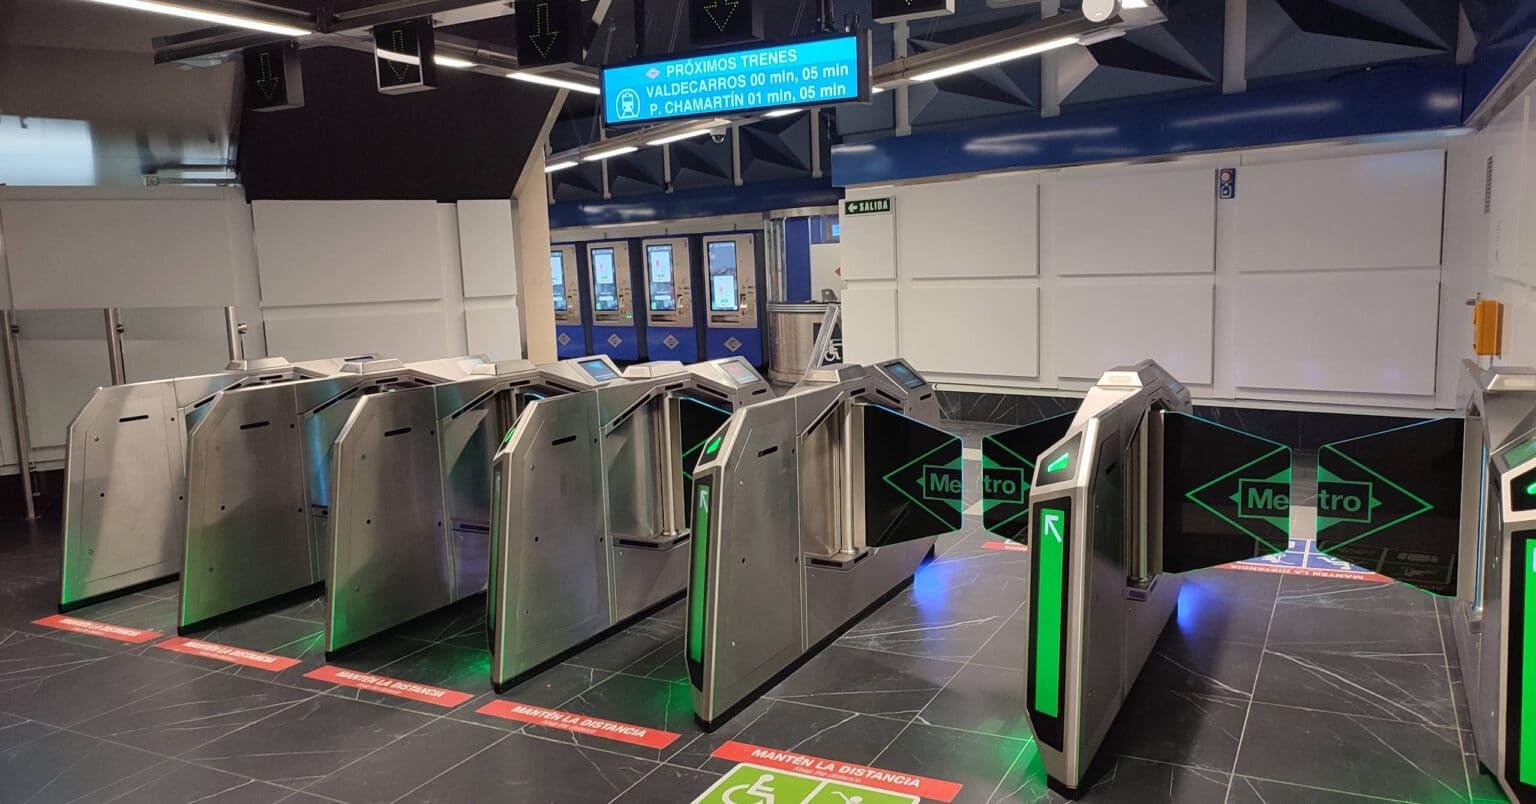 Nuevas puertas de control de acceso en la estación de Gran Vía. MIGUEL BUSTOS.